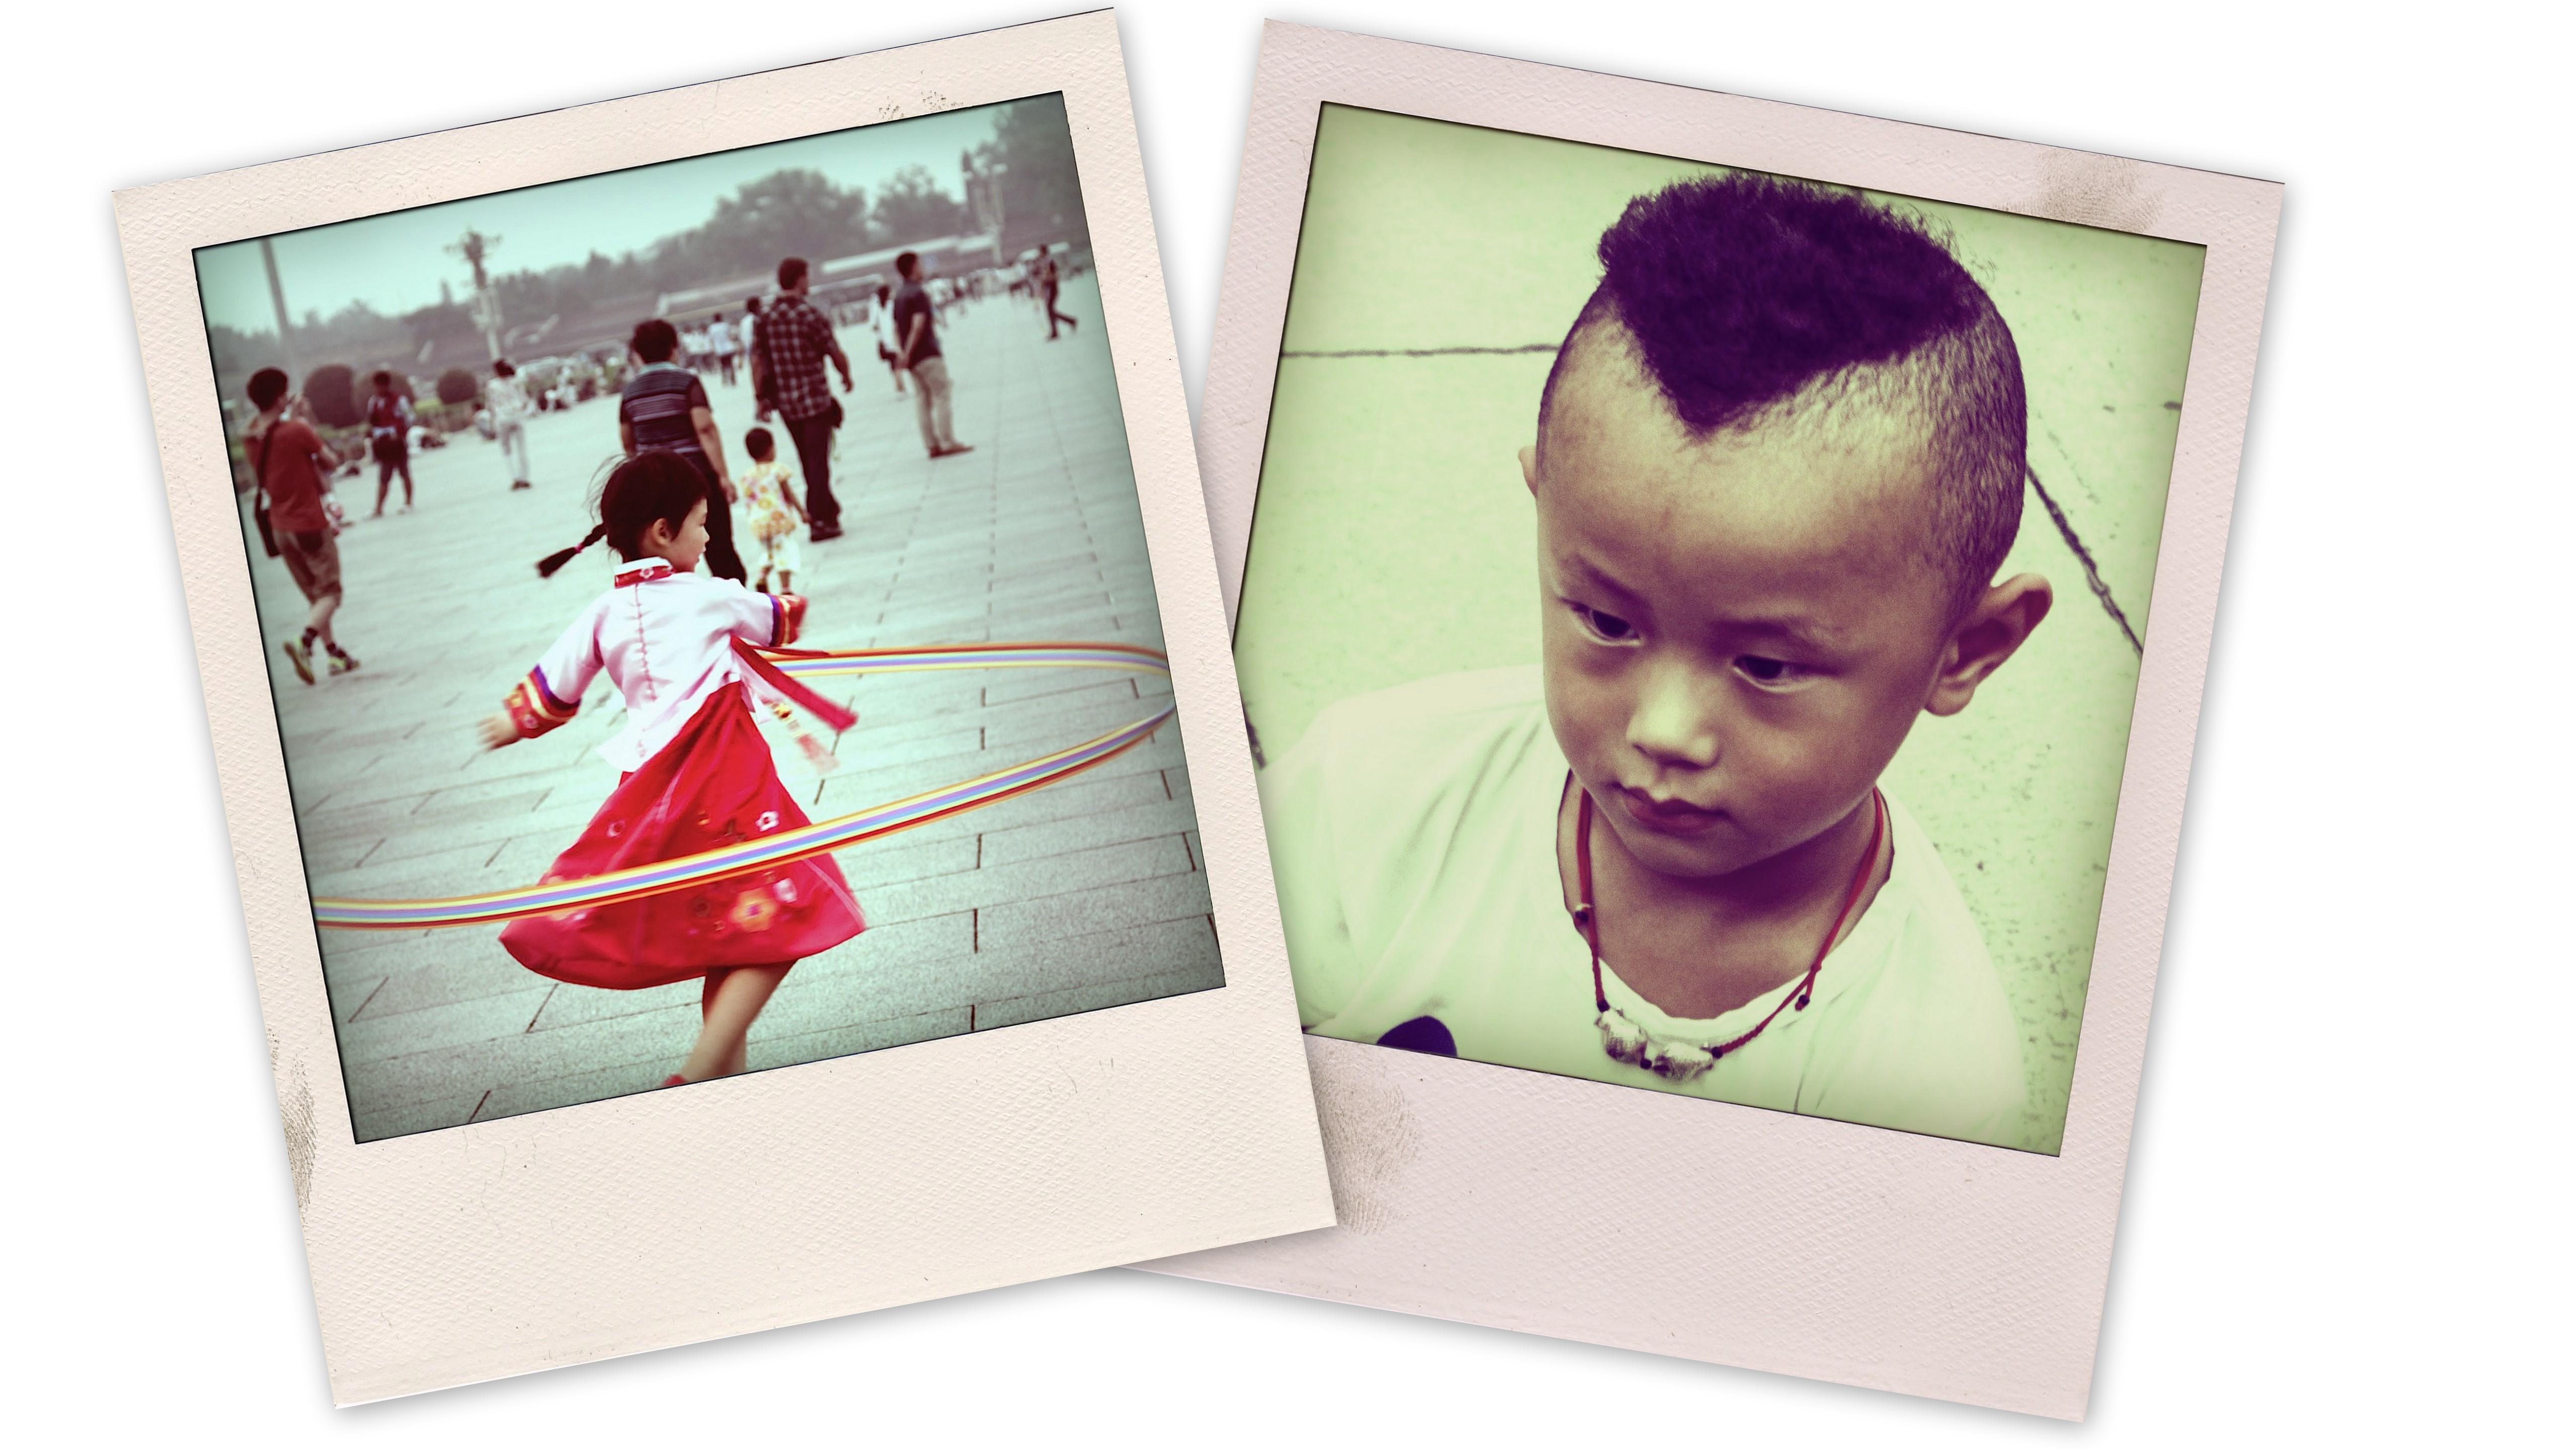 Des enfants jouent sur la Place Tian'anmen